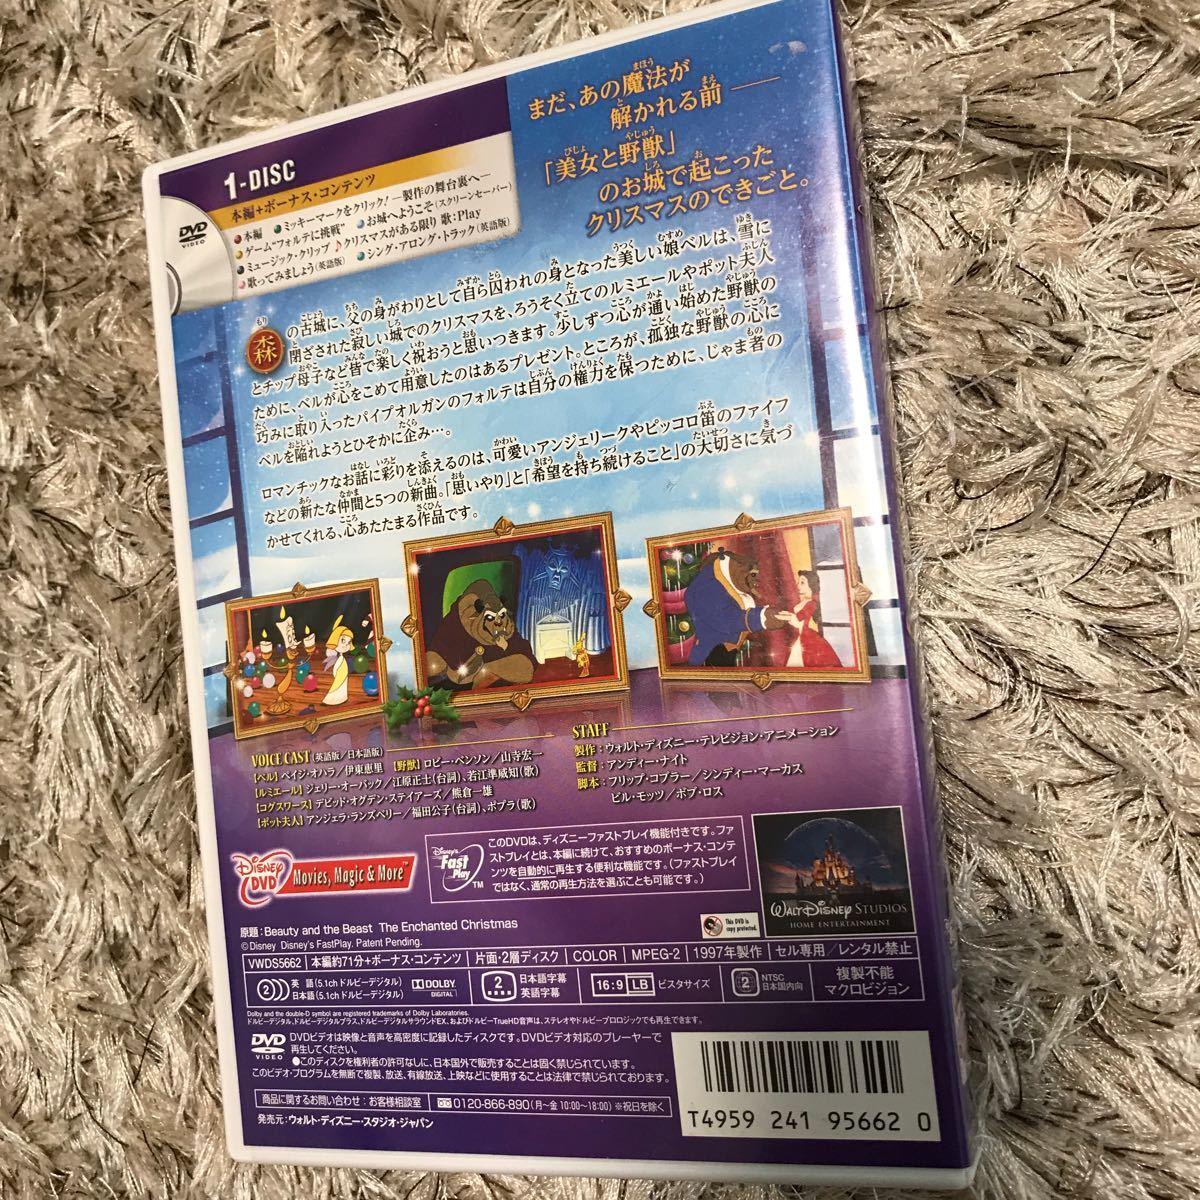 美女と野獣/ベルの素敵なプレゼント スペシャルエディション/キッズバラエティ (ディズニー)